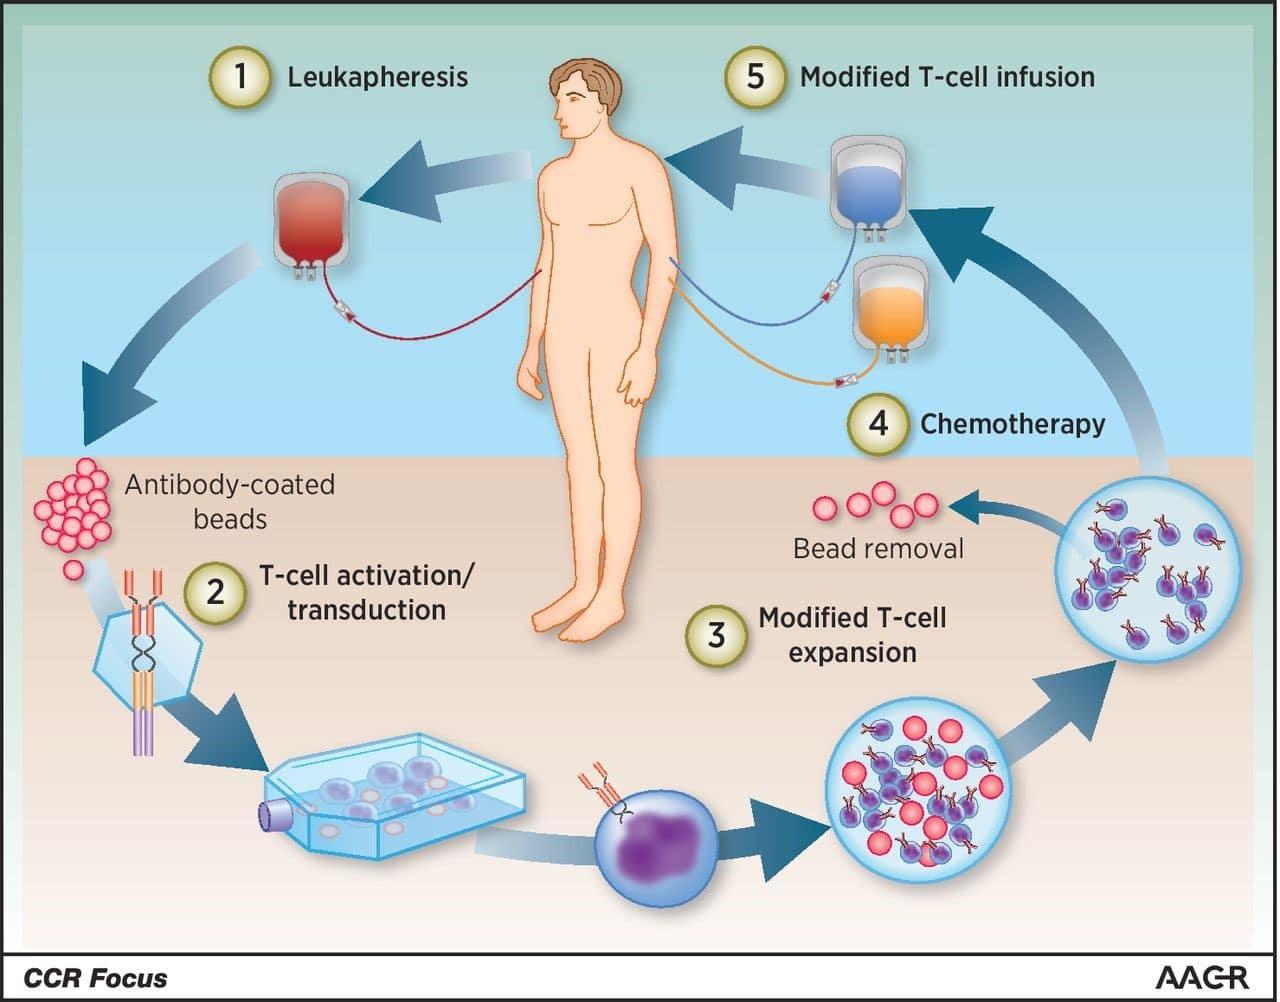 Terapia con células T para el cáncer de próstata metastásico